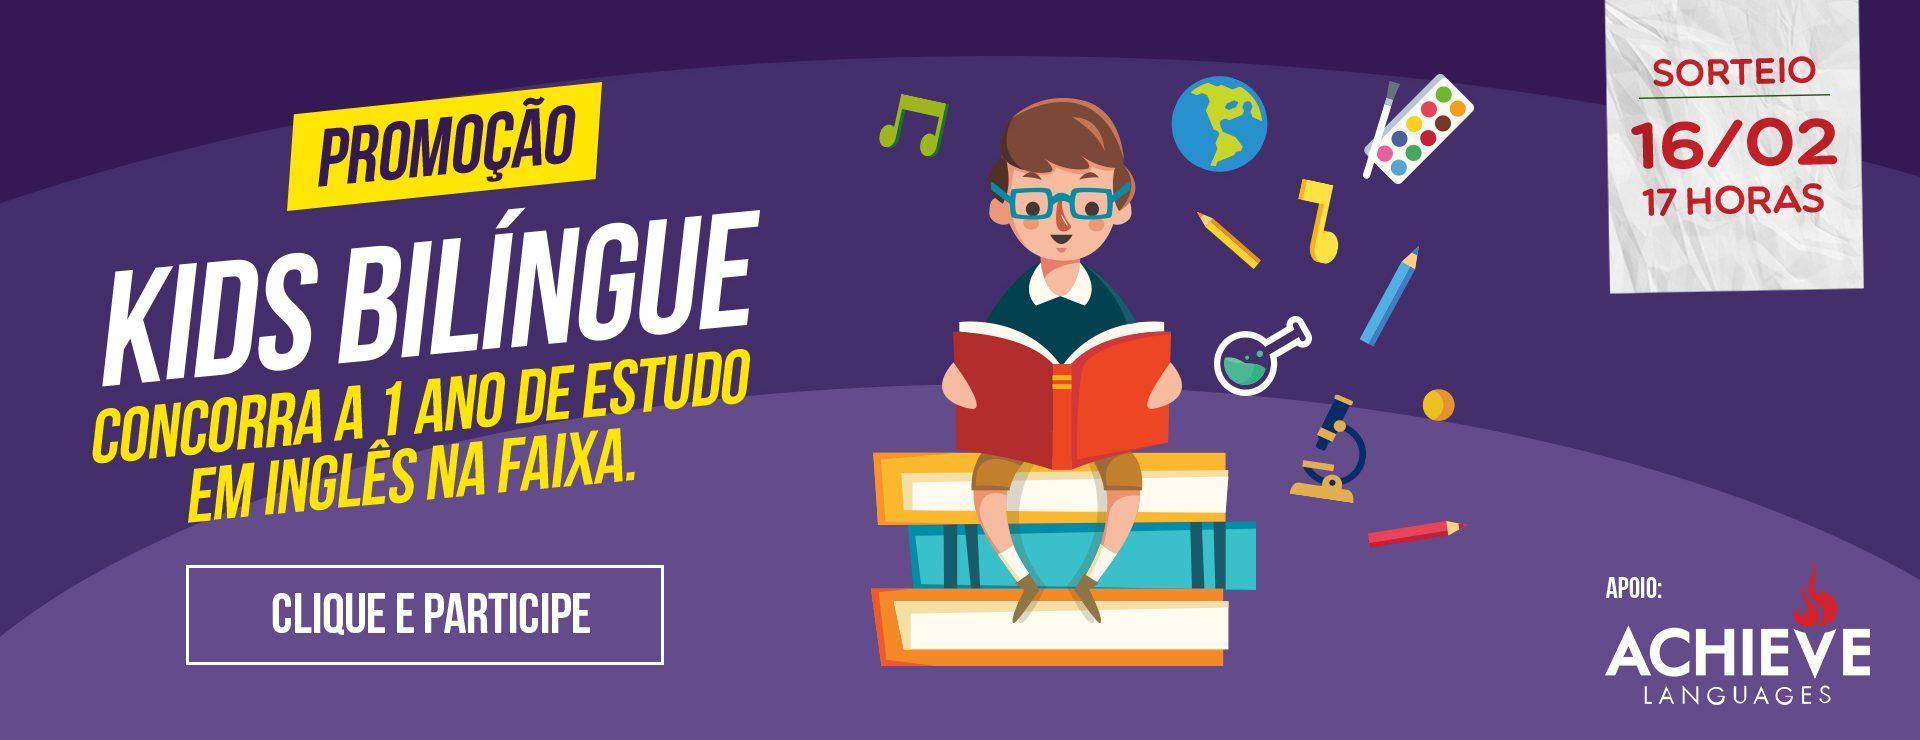 Promoção kids Bilíngue, concorra a 1 ano de estudo em inglês na faixa.